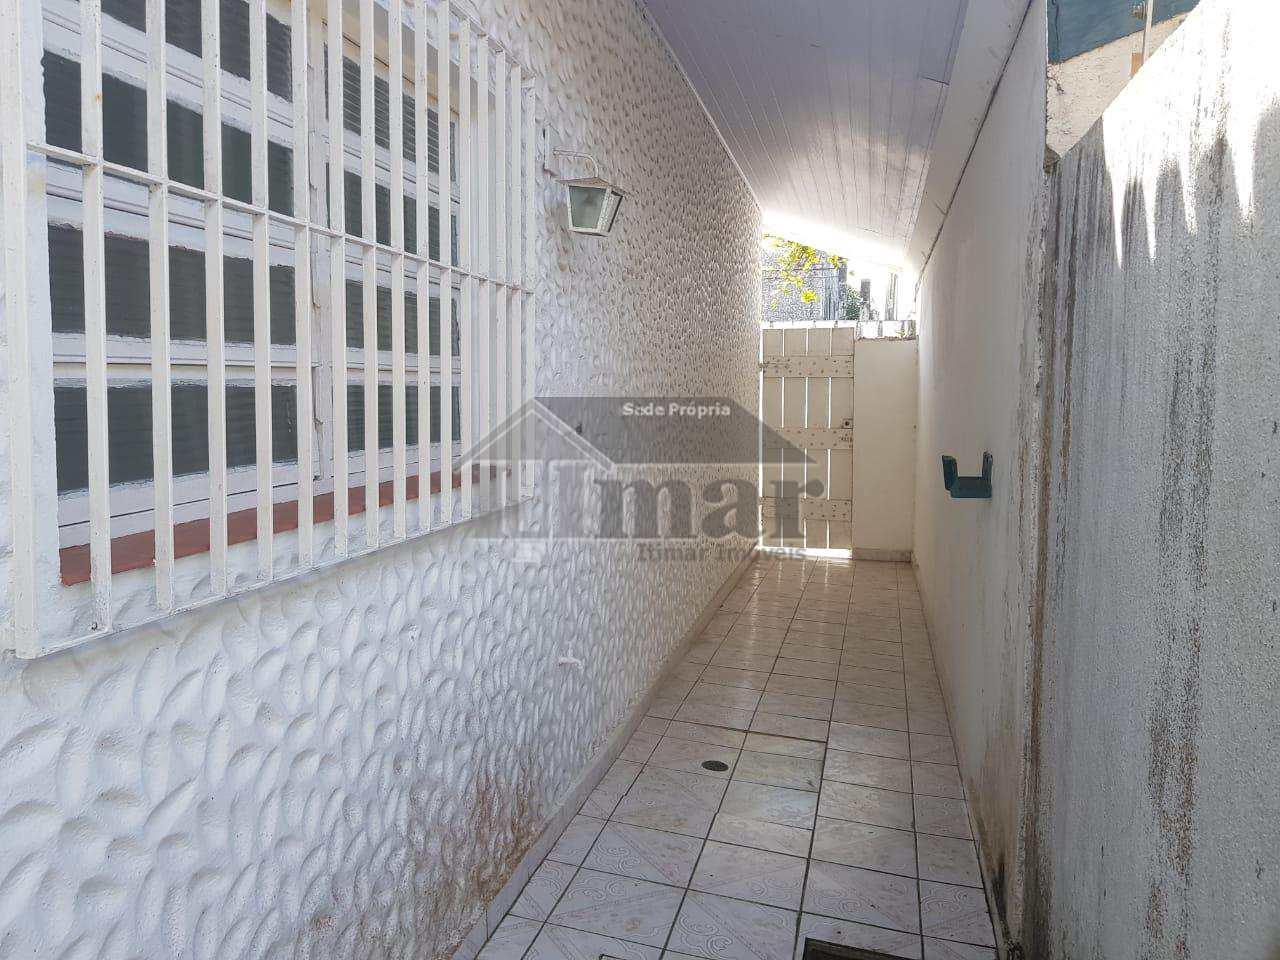 Casa com 3 dorms, Jardim Virgínia, Guarujá - R$ 500.000,00, 180m² - Codigo: 4821